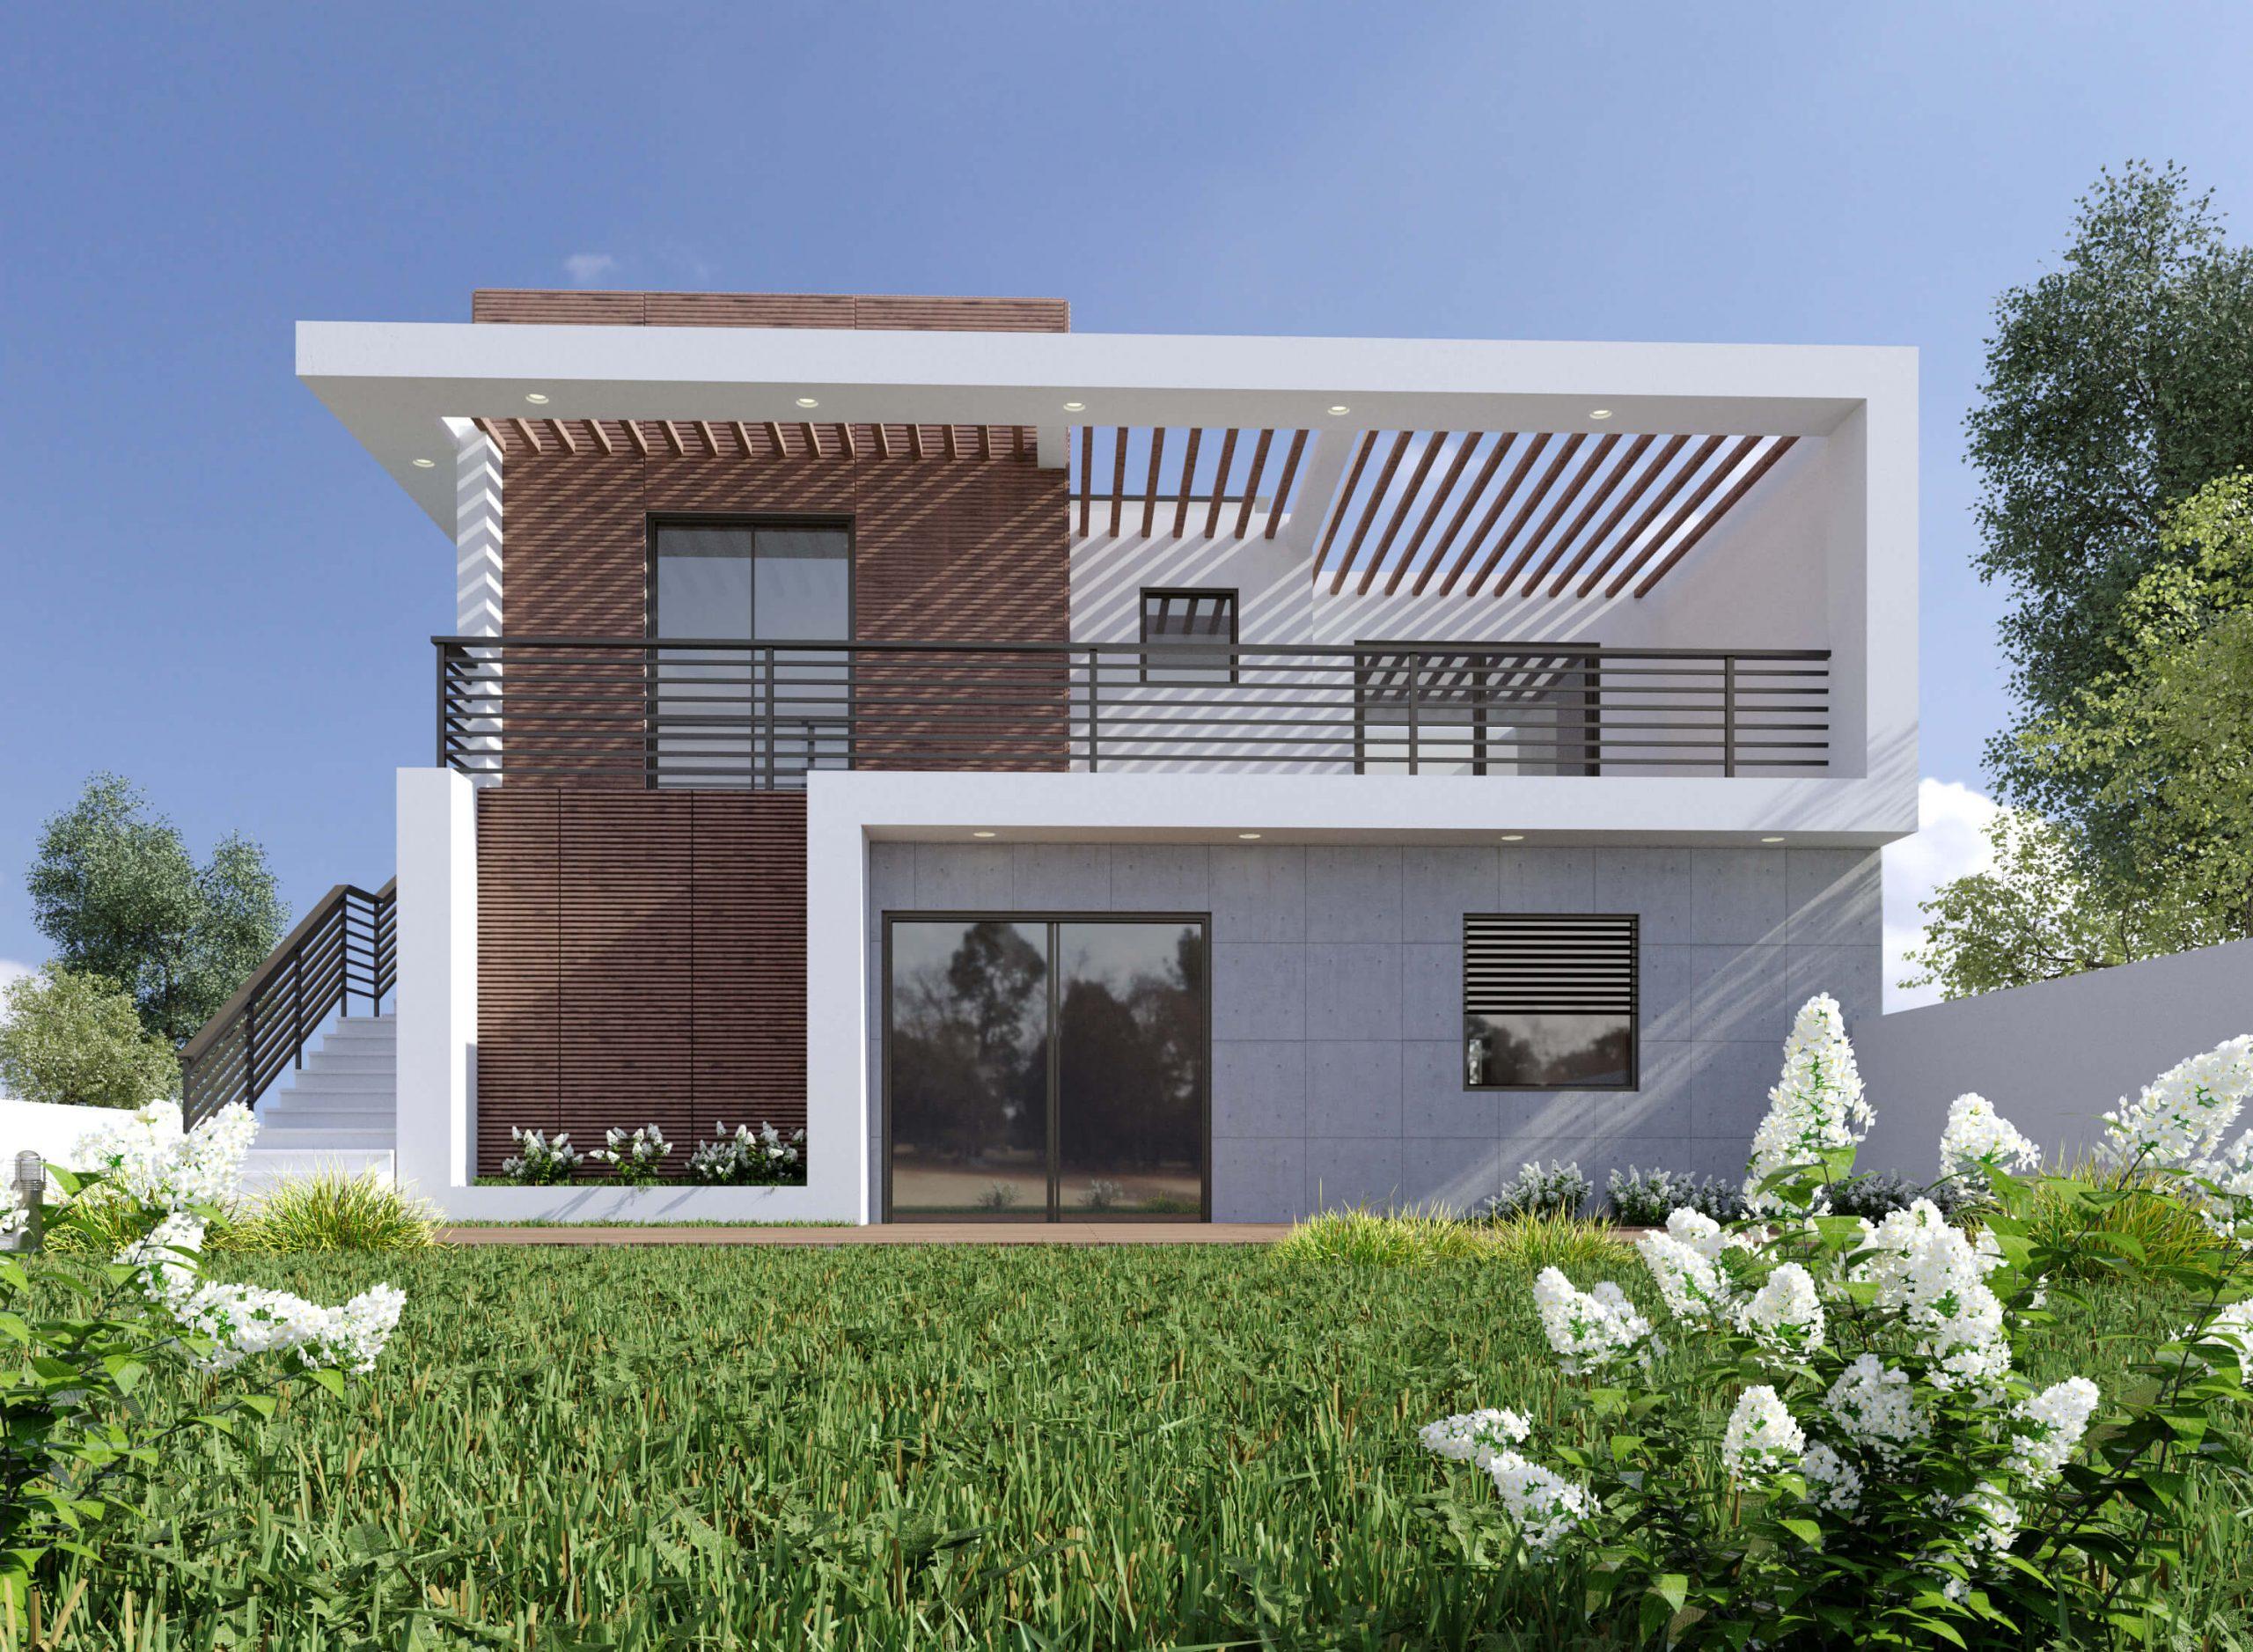 בית פרטי מודרני מבט חזיתי